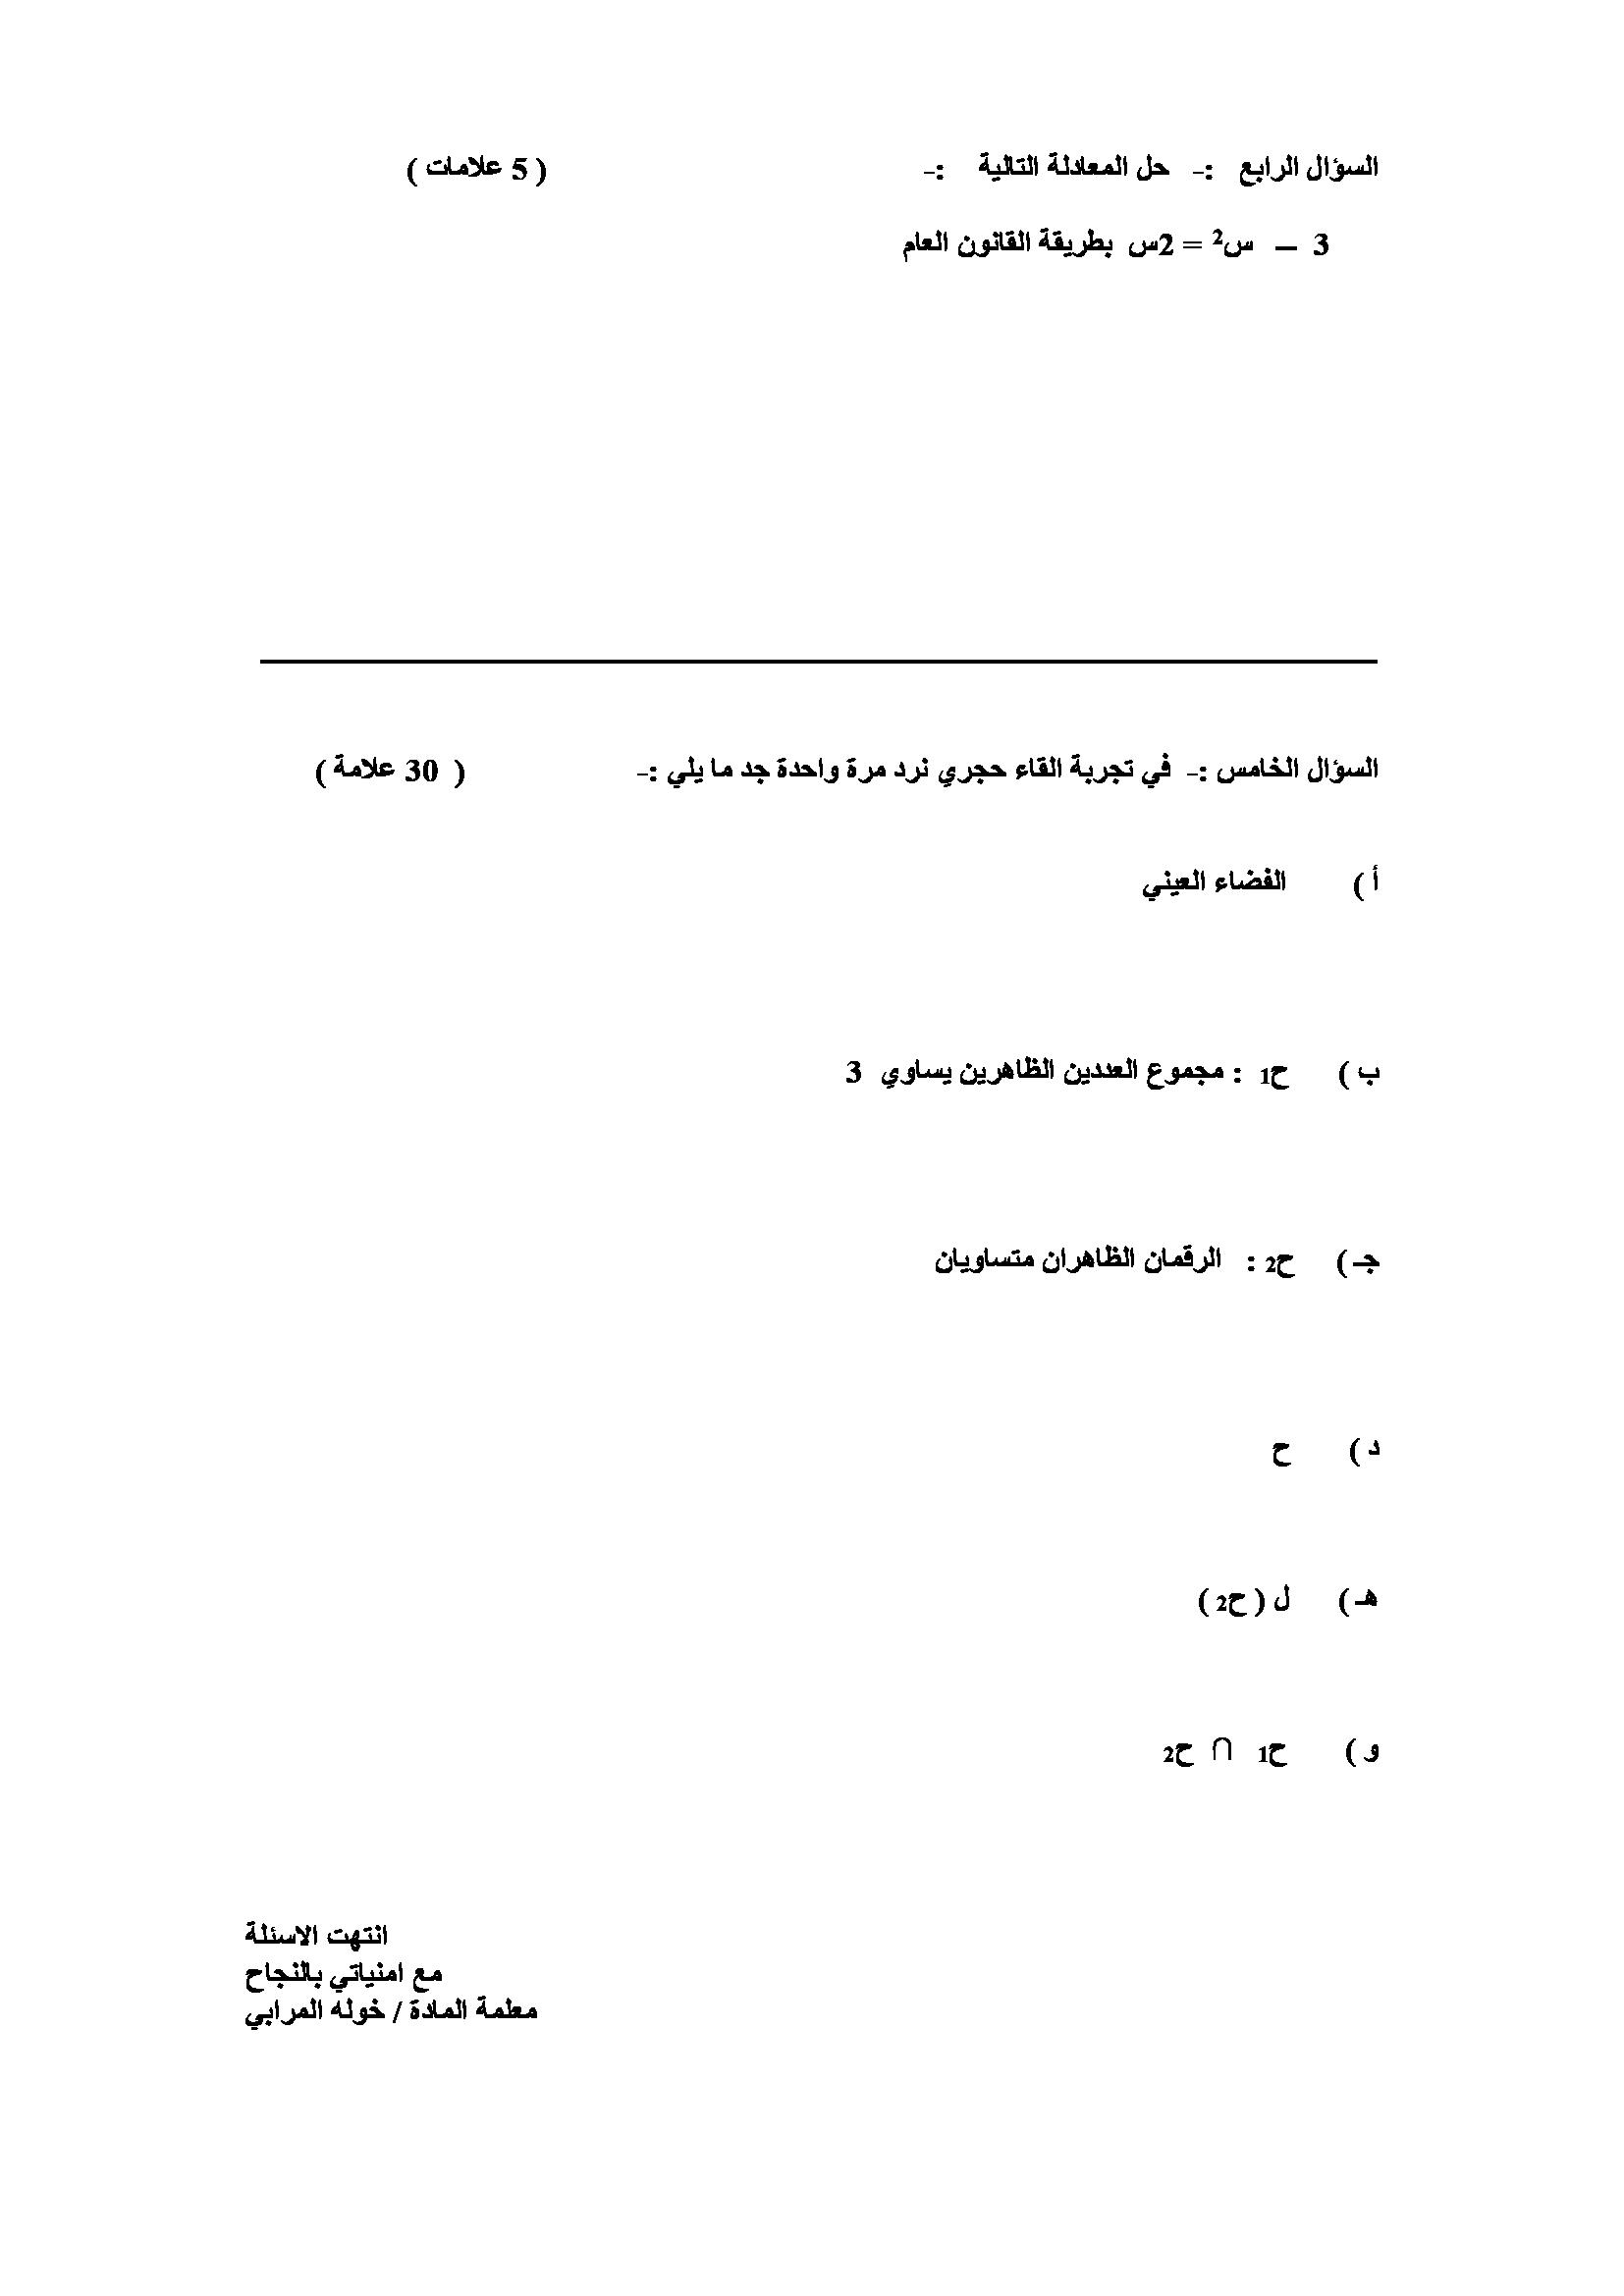 اختبار مادة الرياضيات للصف التاسع نهاية الفصل الاول 2018